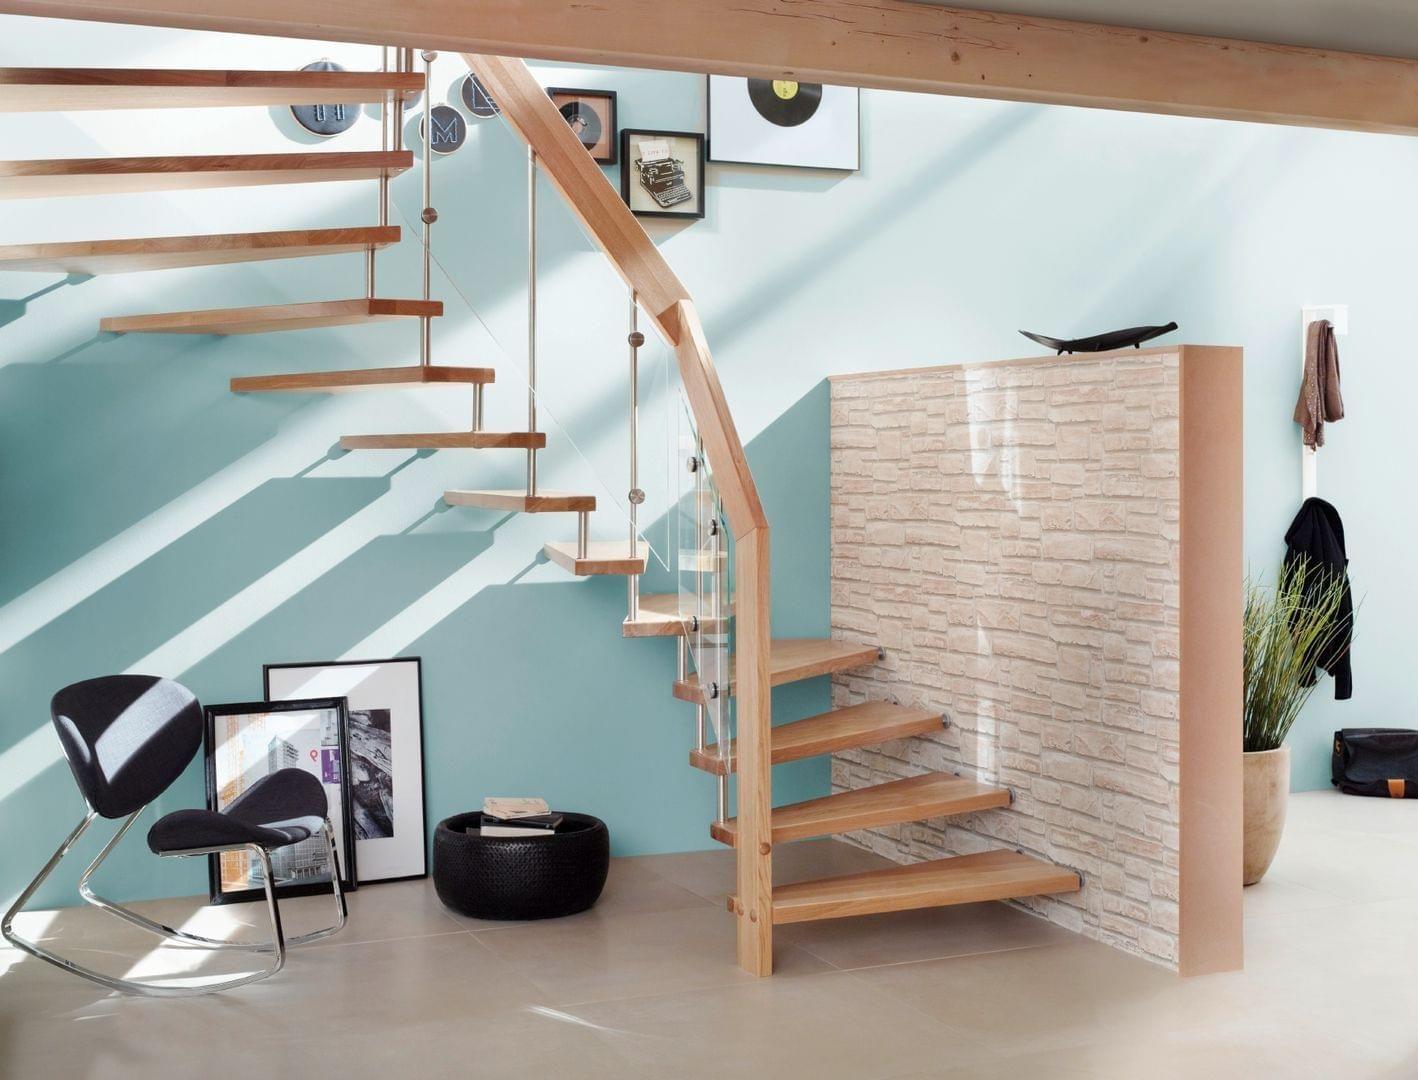 Faites Entrer La Lumiere Dans Votre Entree En Changeant Votre Escalier Beton Par Un Escalier Sans Contremarches Realisation Signee Passion B Maison Stair